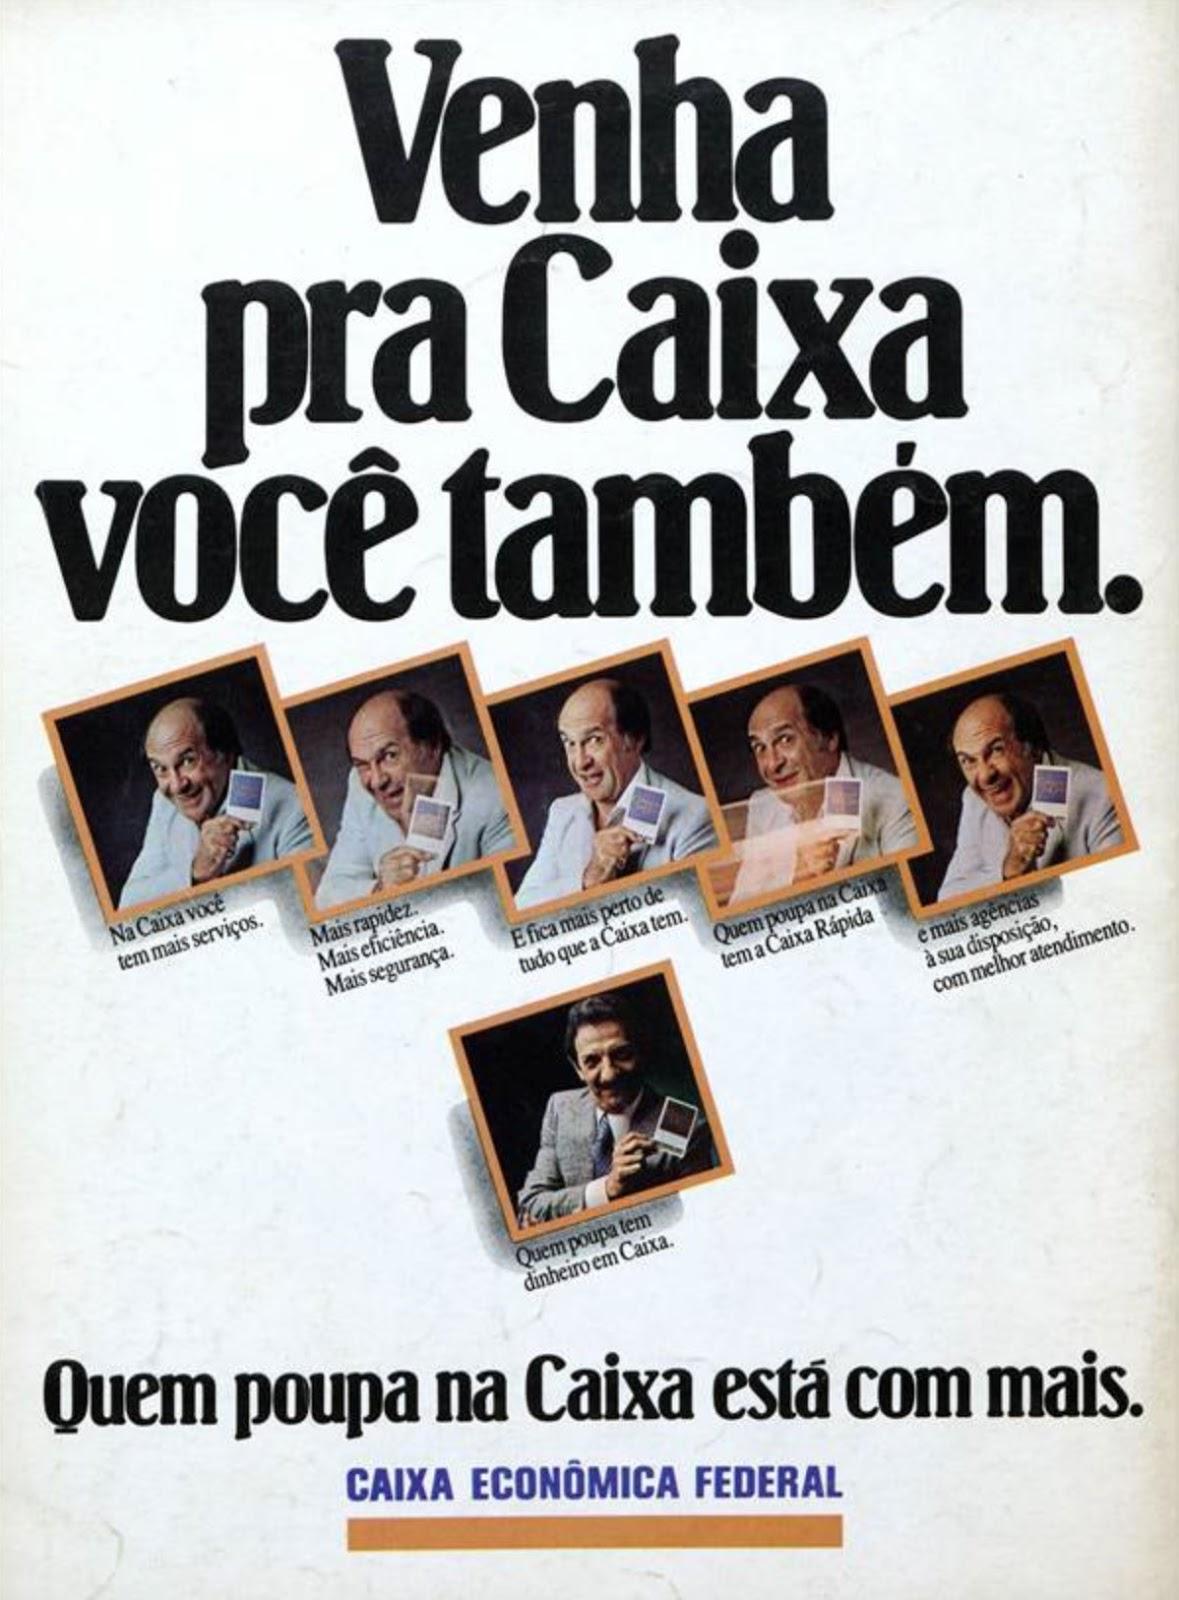 Propaganda antiga da Caixa Econômica Federal veiculada em 1982